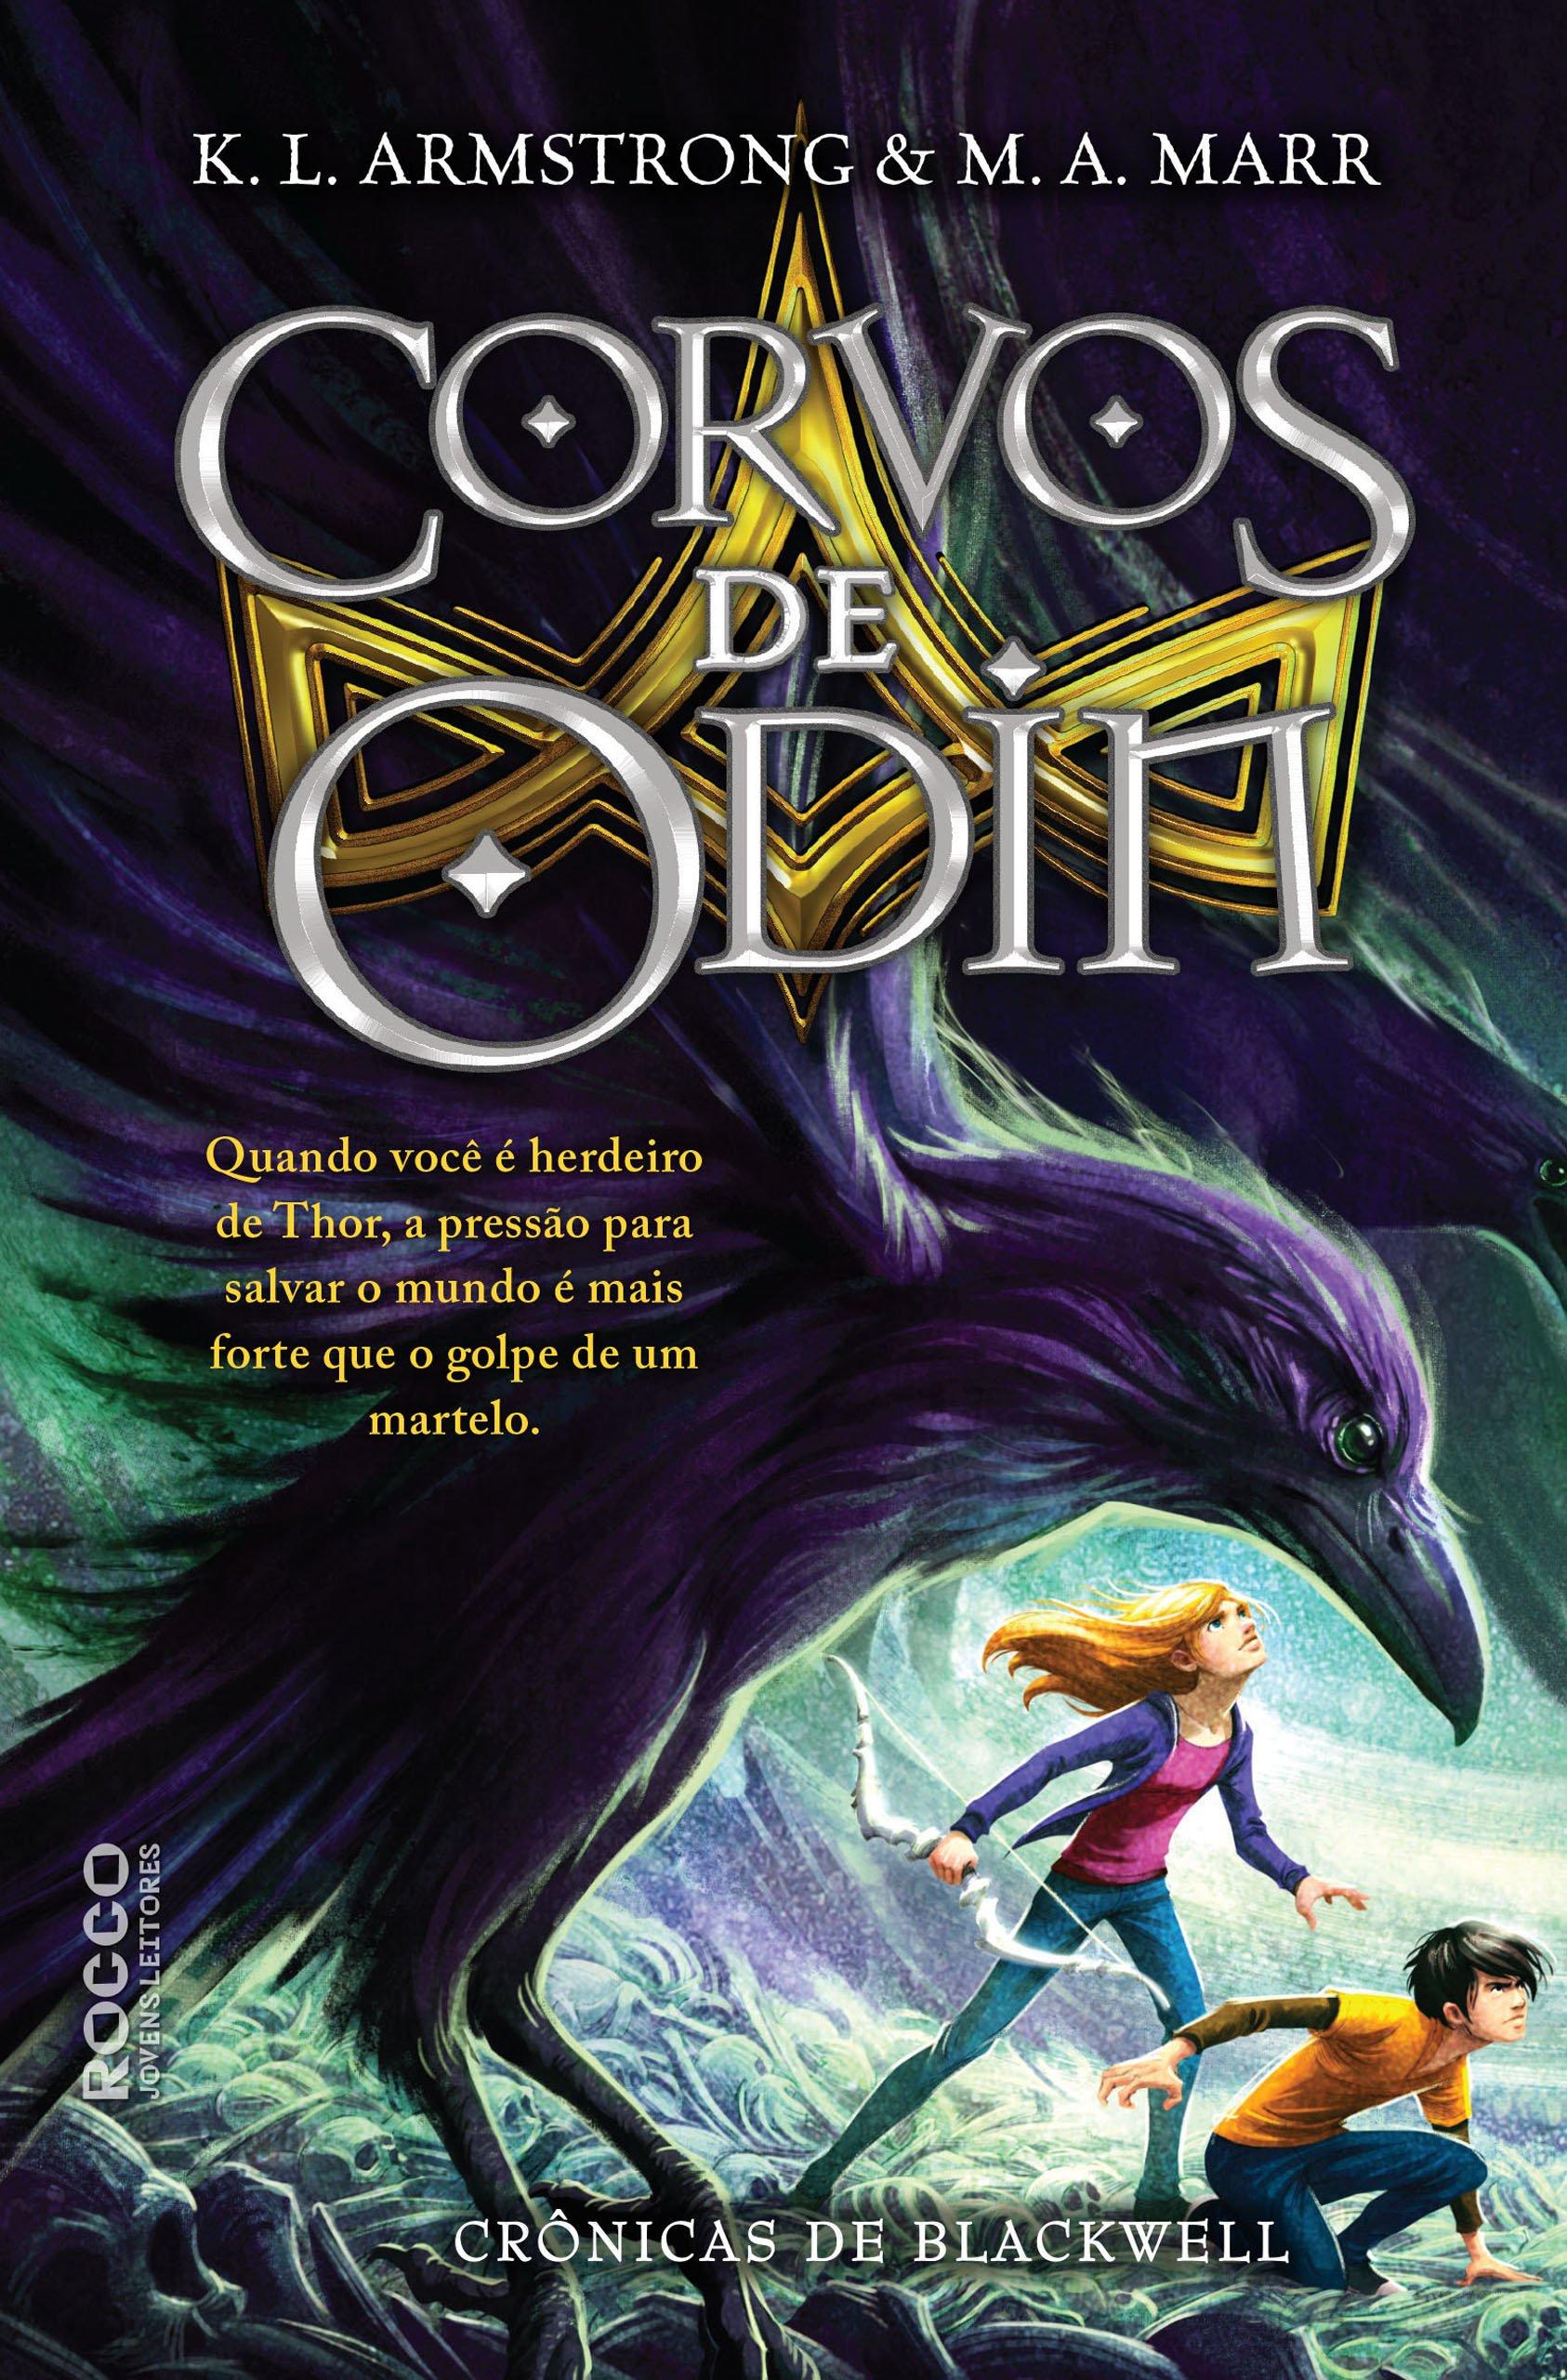 Corvos de Odin (Crônicas de Blackwell Livro 2)